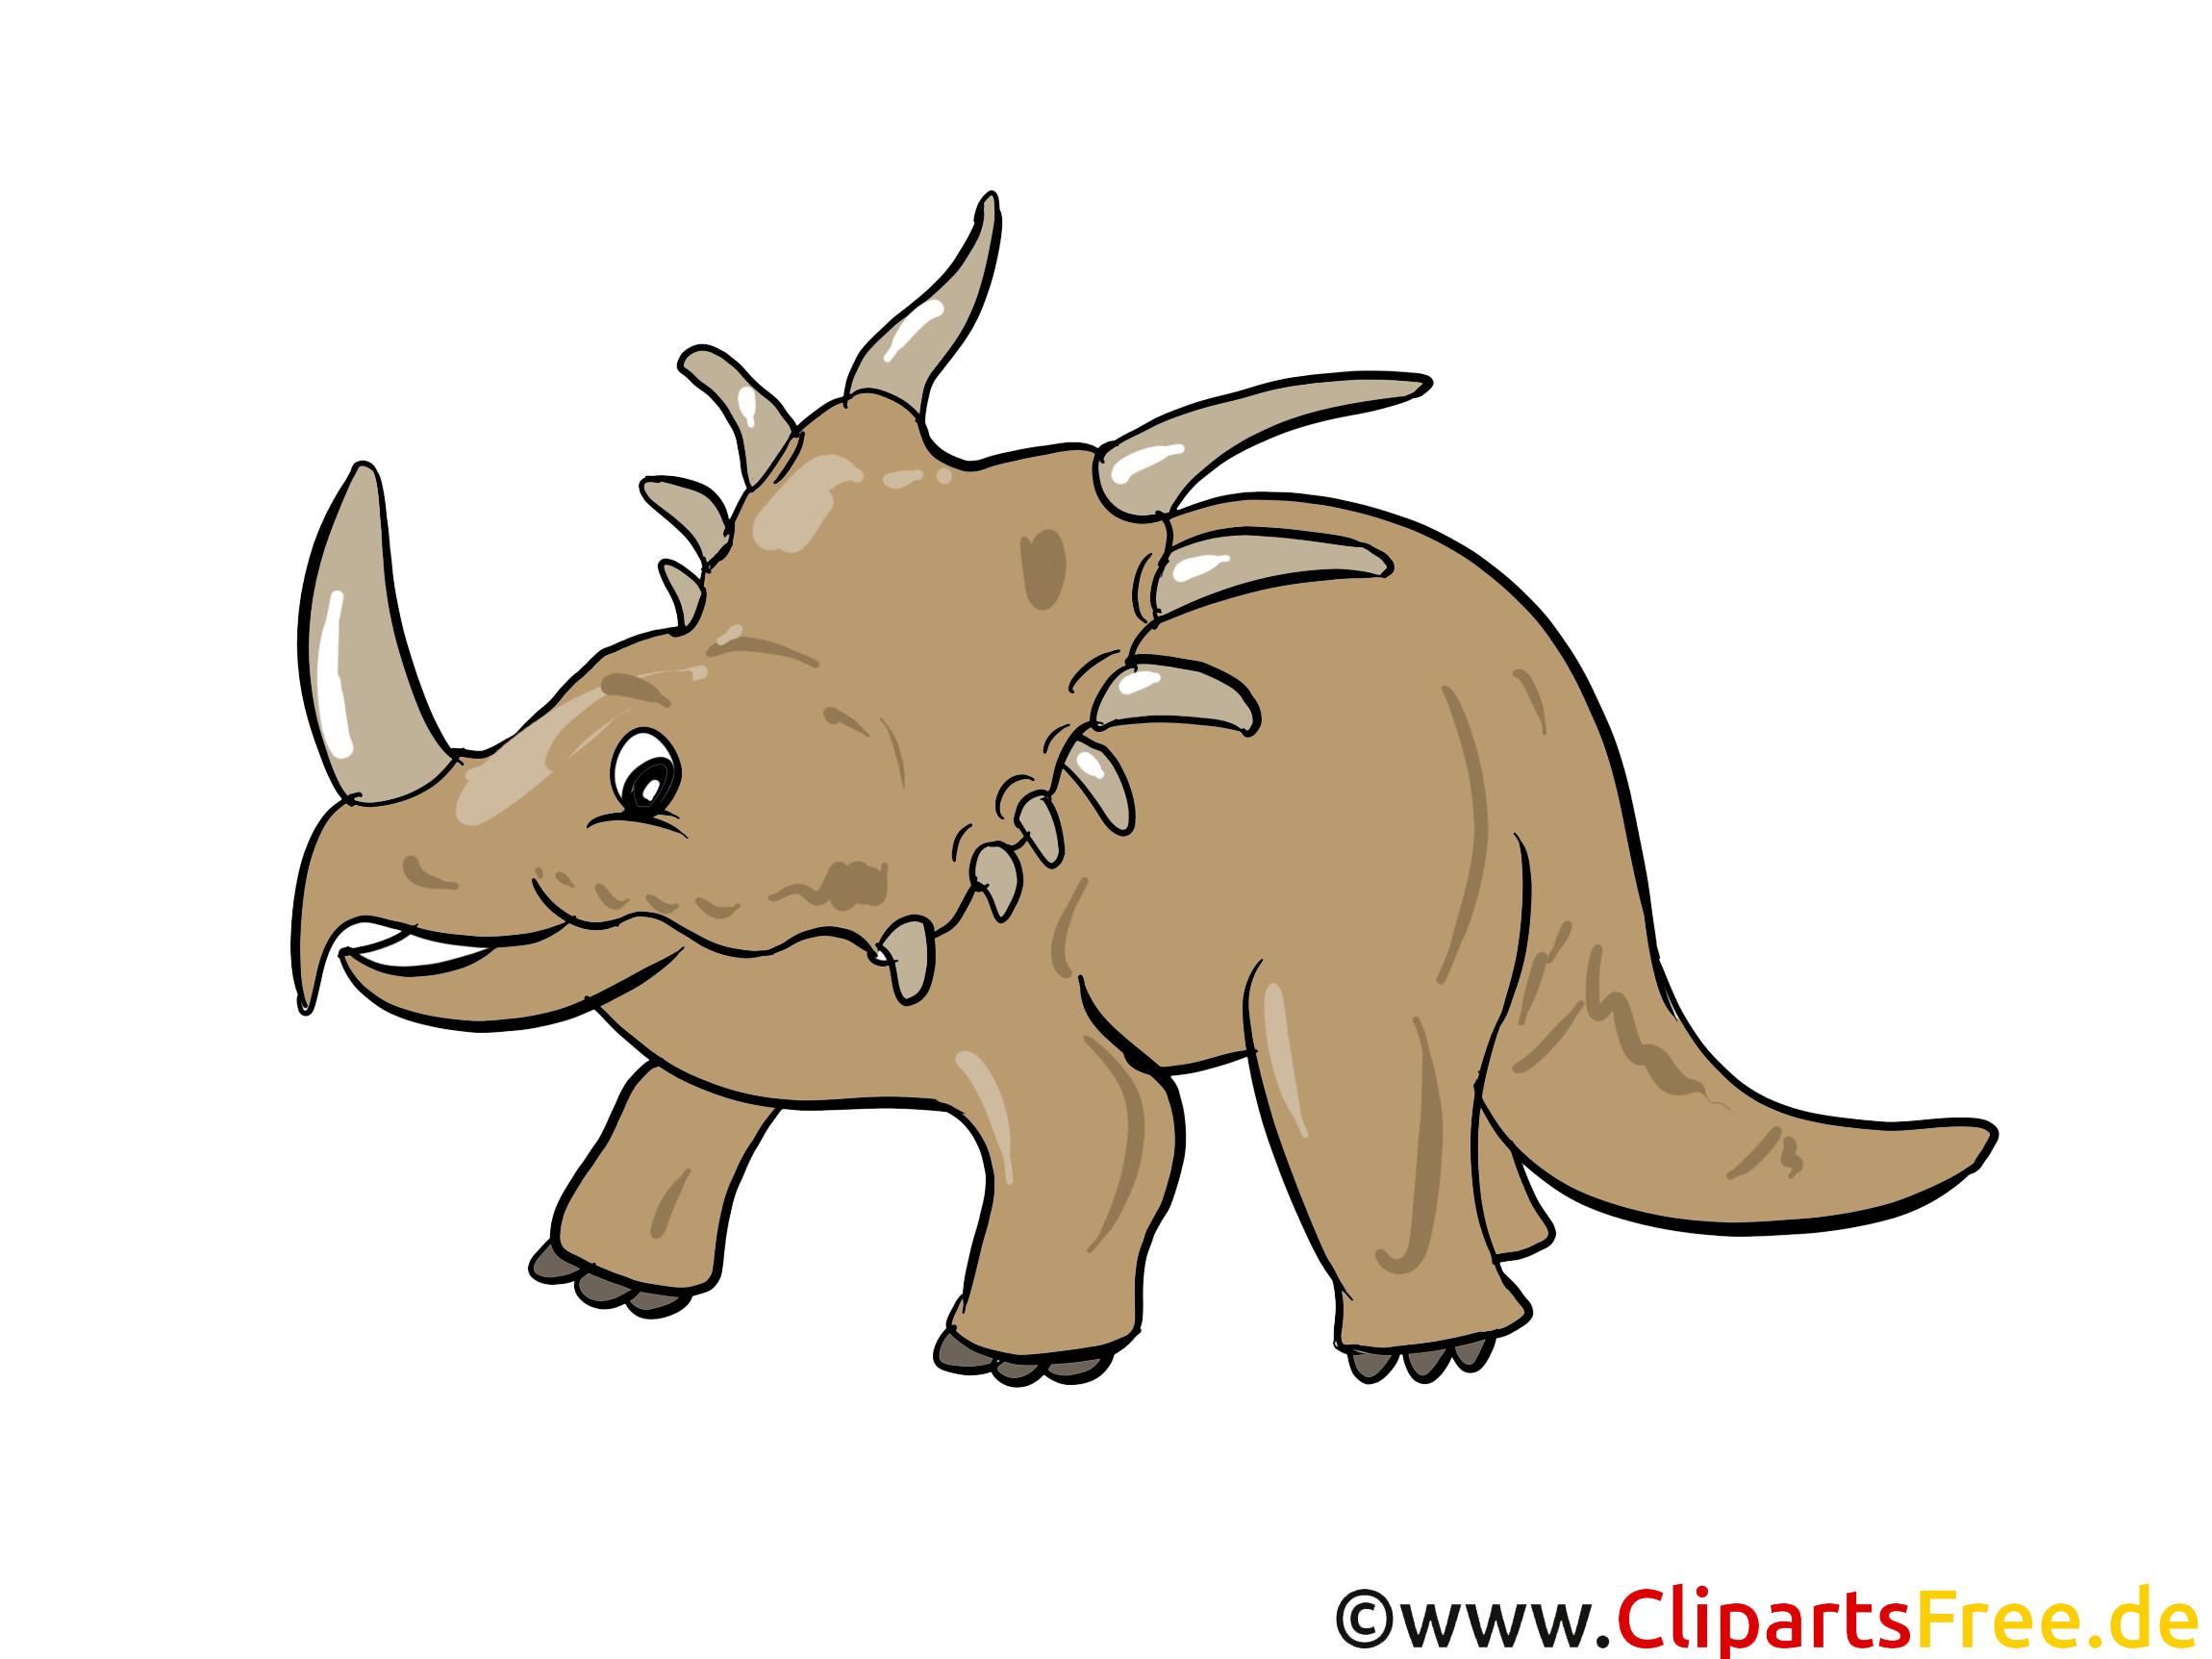 Styracosaurus Bild - Dinosaurierarten Bilder, Cartoons, Illustrationen gratis